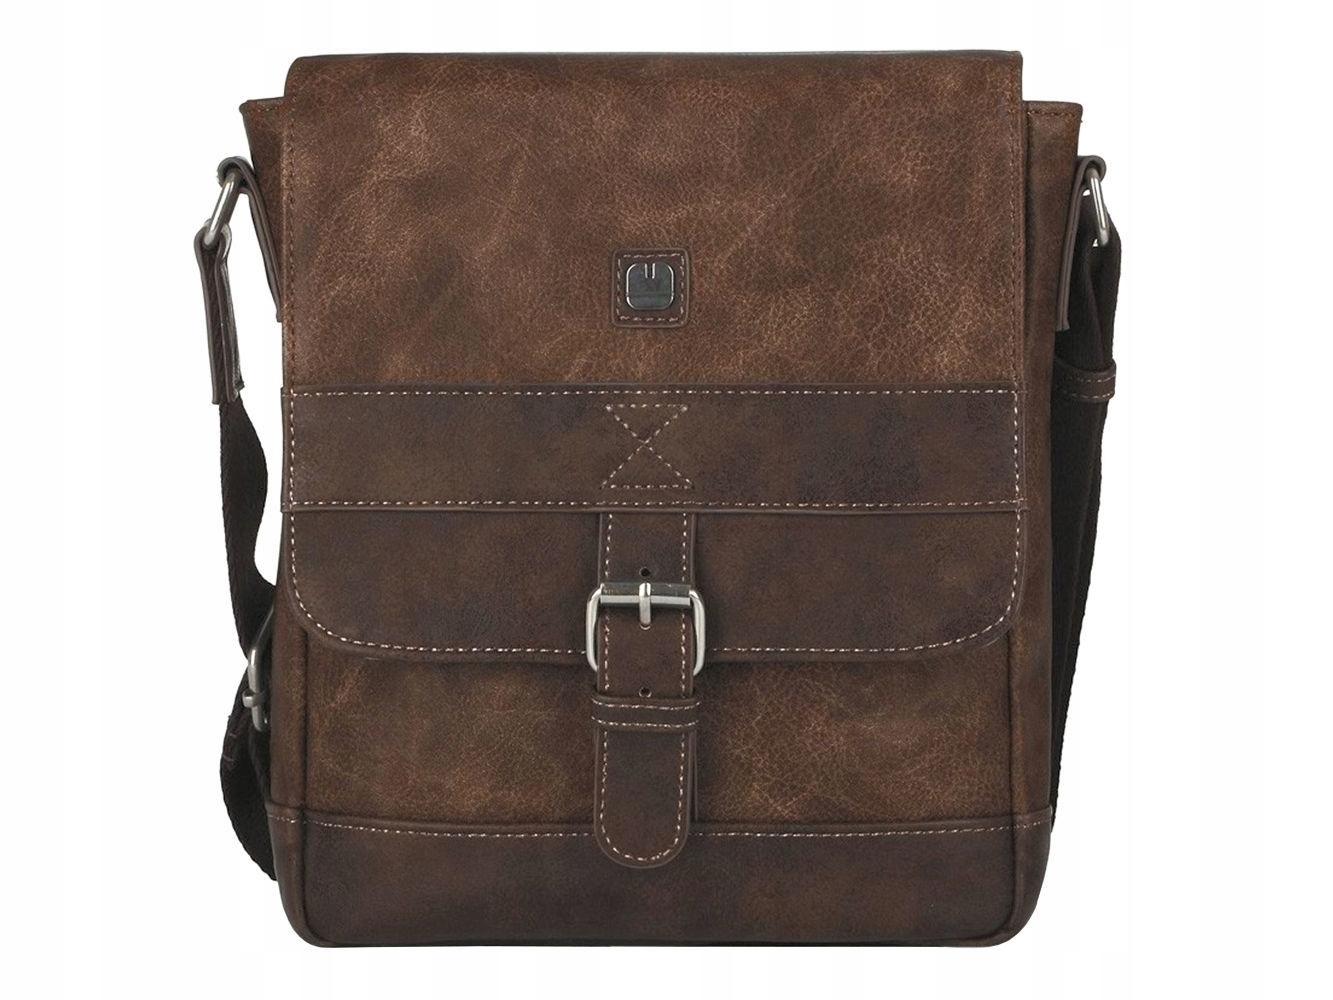 a752e3c4f7832 Gabol Flat mała torba na ramię / brązowa - 7706453407 - oficjalne ...